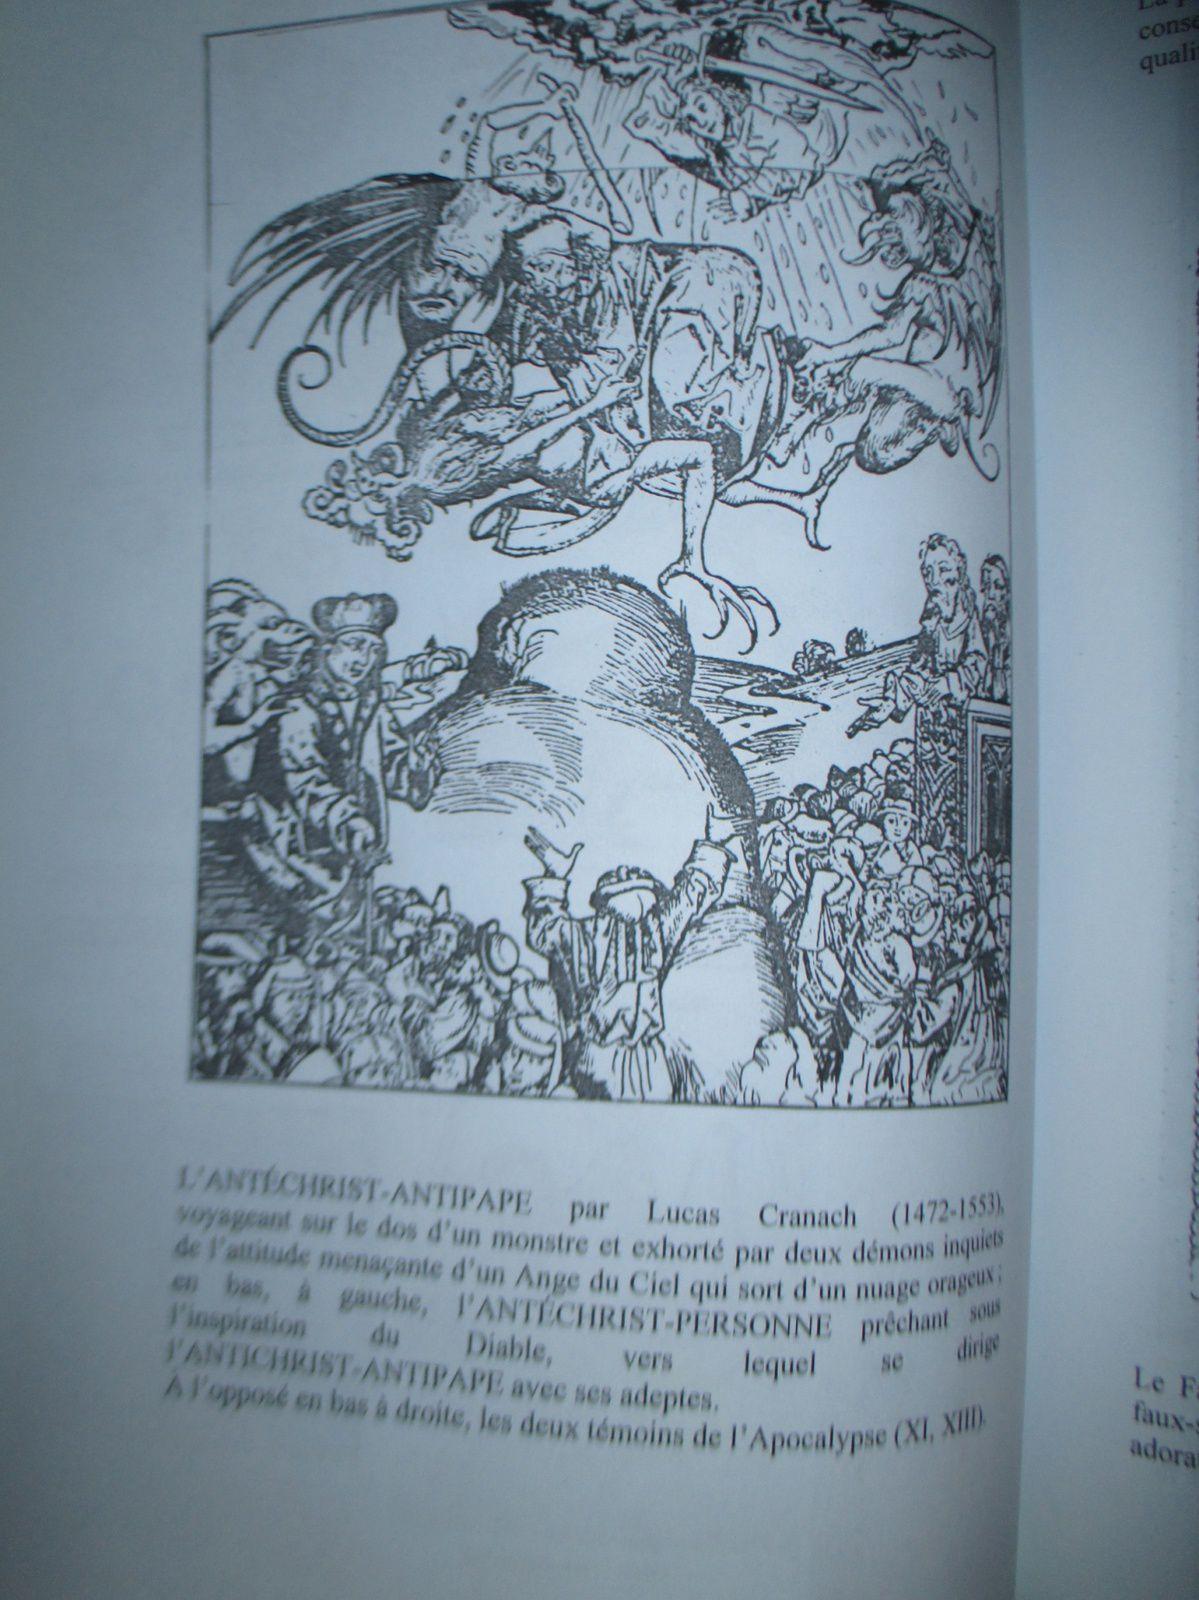 Illustrations de l'ouvrage d'Éric Faure